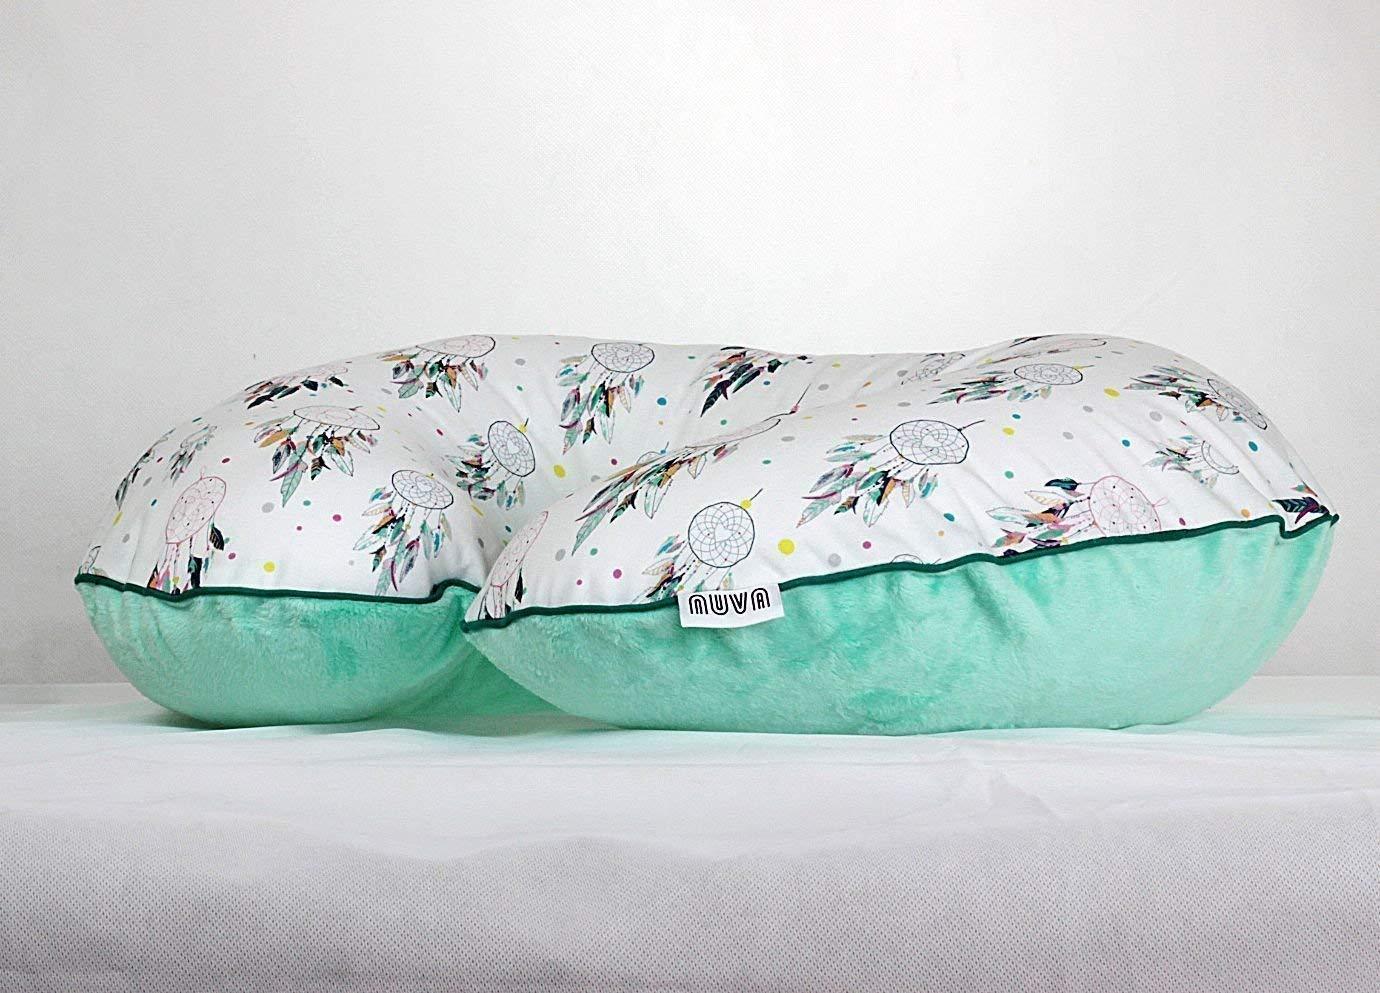 Mint Dreamcatcher Nursing Pillow Cover Handmade Cotton Minky Cover With Zipper